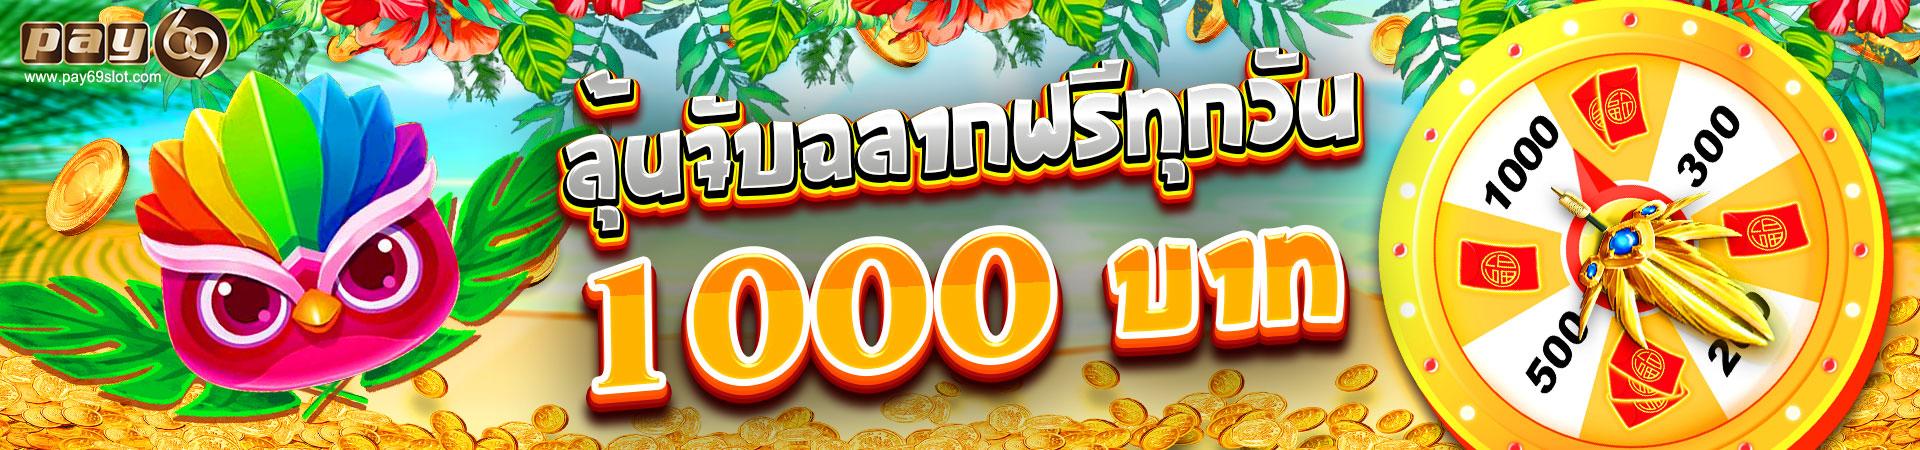 PAY69 ลุ้นจับฉลากฟรีทุกวัน 1000 บาท